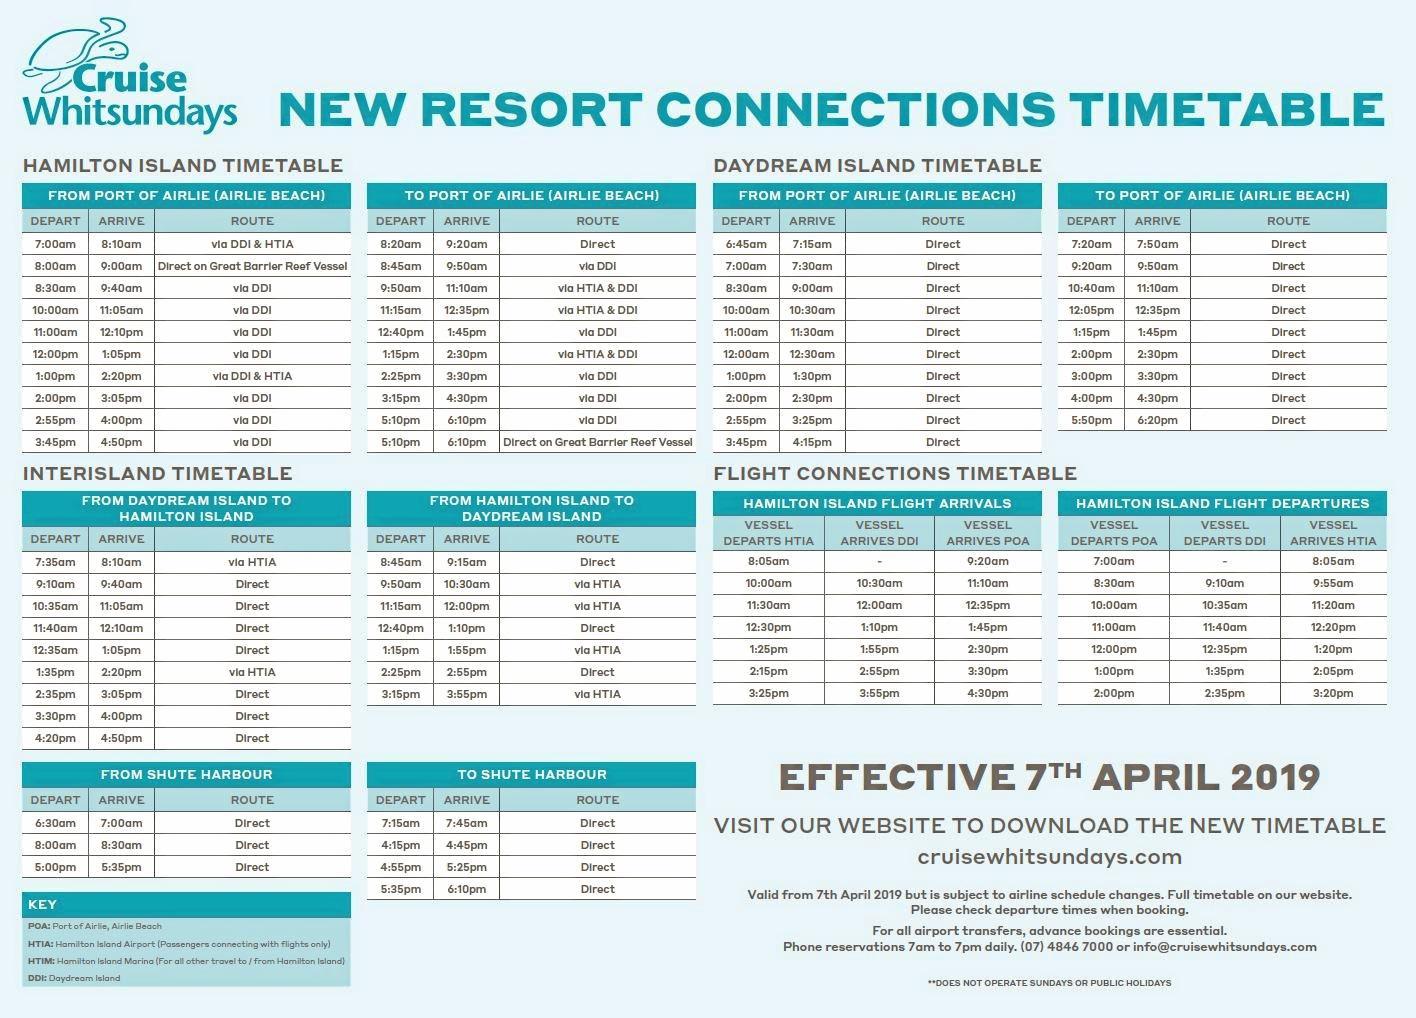 Cruise Whitsundays to embark on new timetable | Whitsunday Times